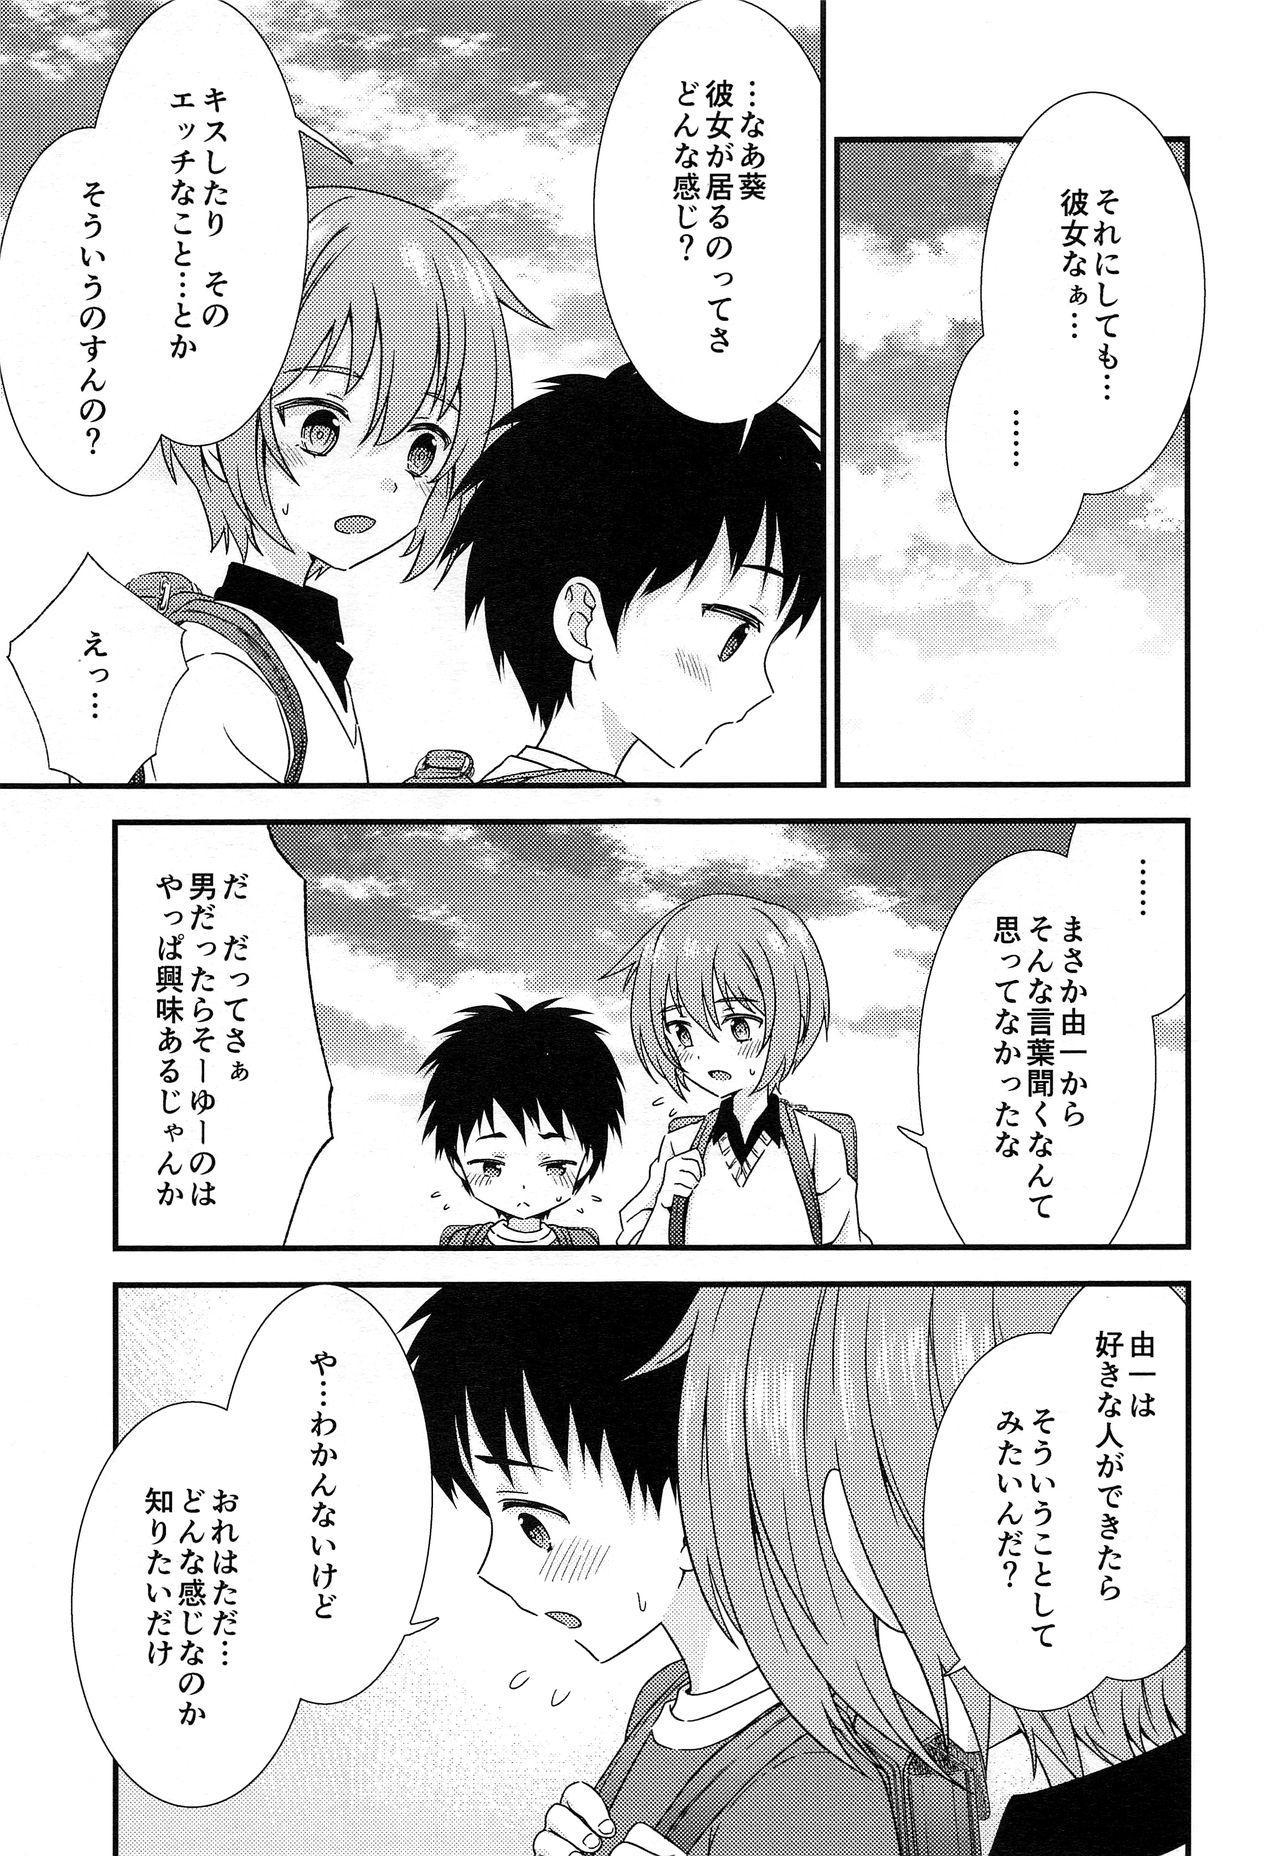 Yuujou no Hate ni Kimi to Sex shita 5